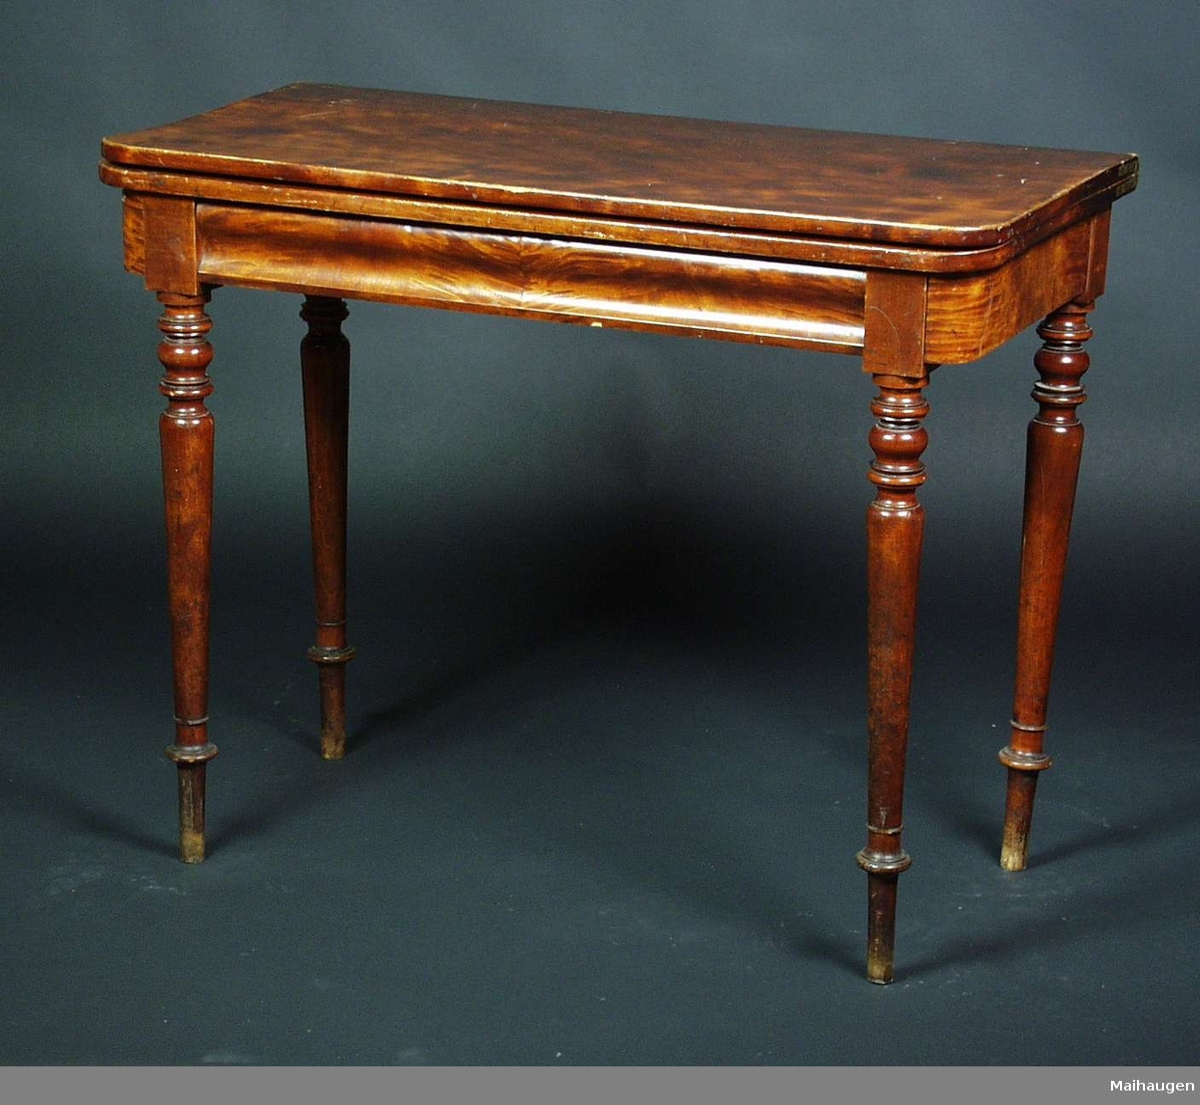 Et bord i bjørk med dreide ben. Sargen på framsiden er buede formet. Bordplaten er festet med en trebolt til sargen og dobbel, kan slåes opp til et firkantet bord. Bordet kan også stå inntil en vegg. Bordet er lakkert brunt.